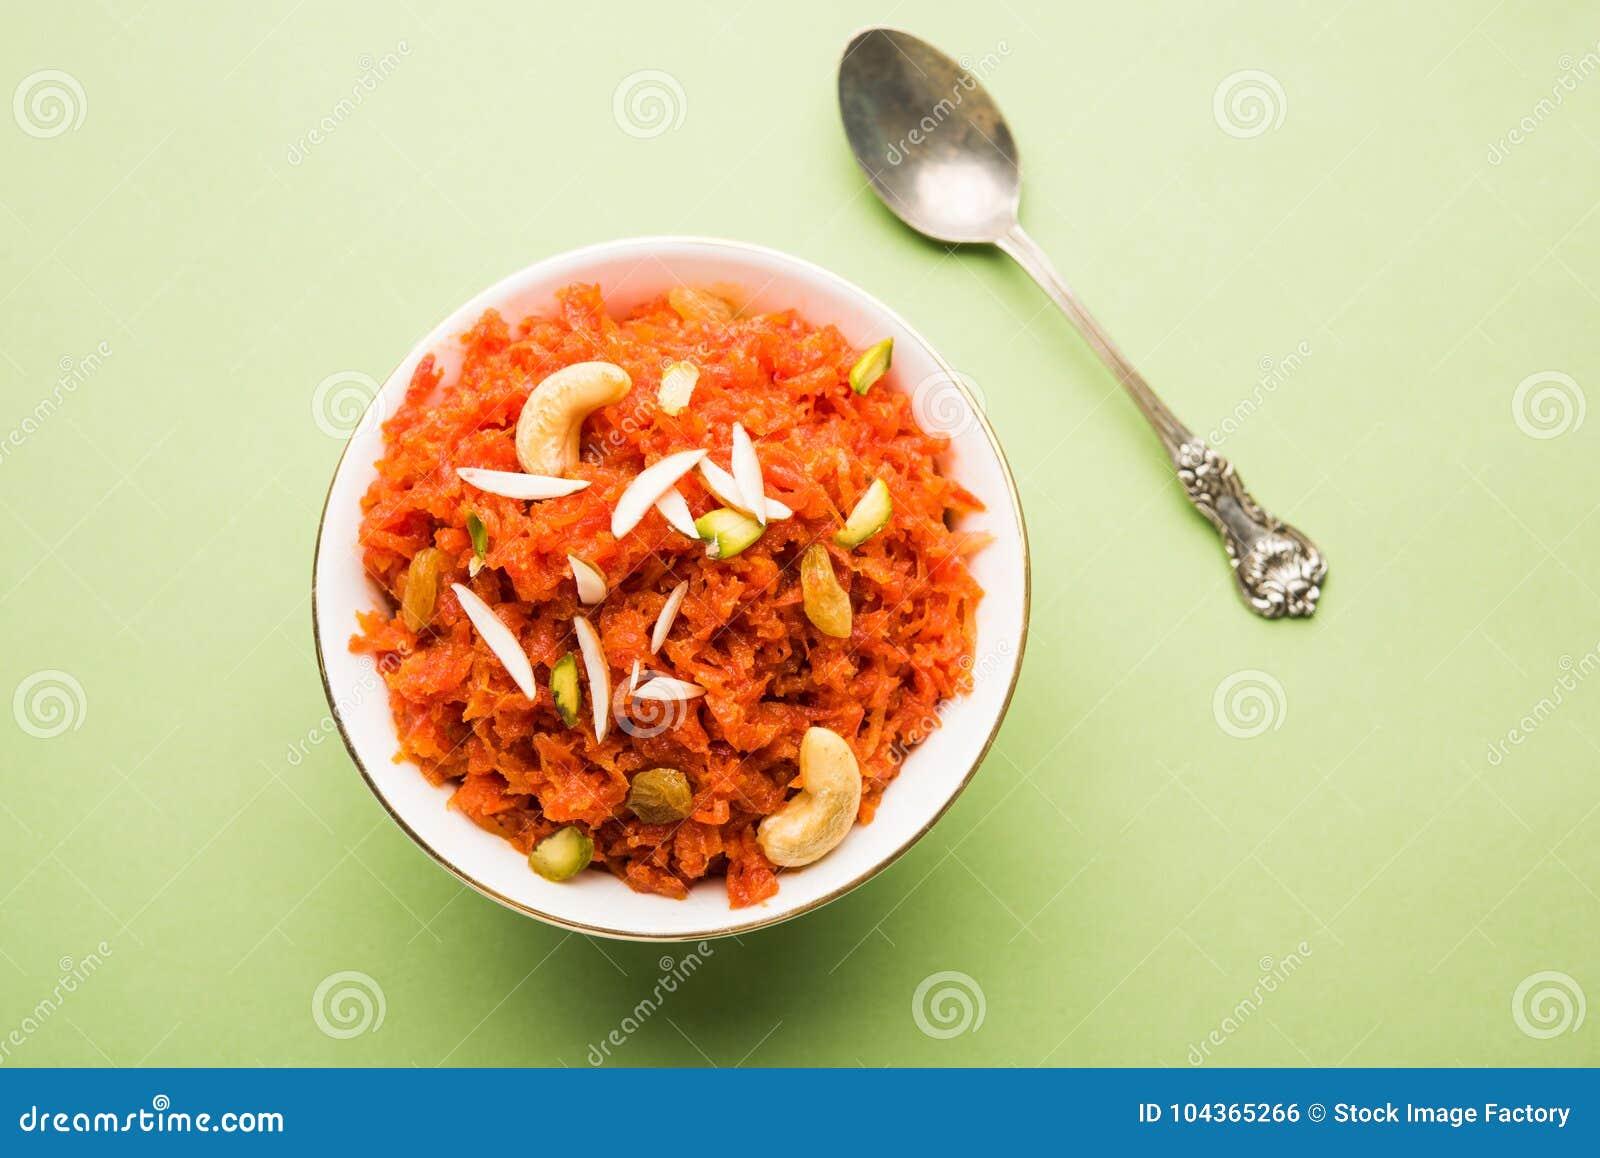 Gajar Halwa ou cenoura Halwa